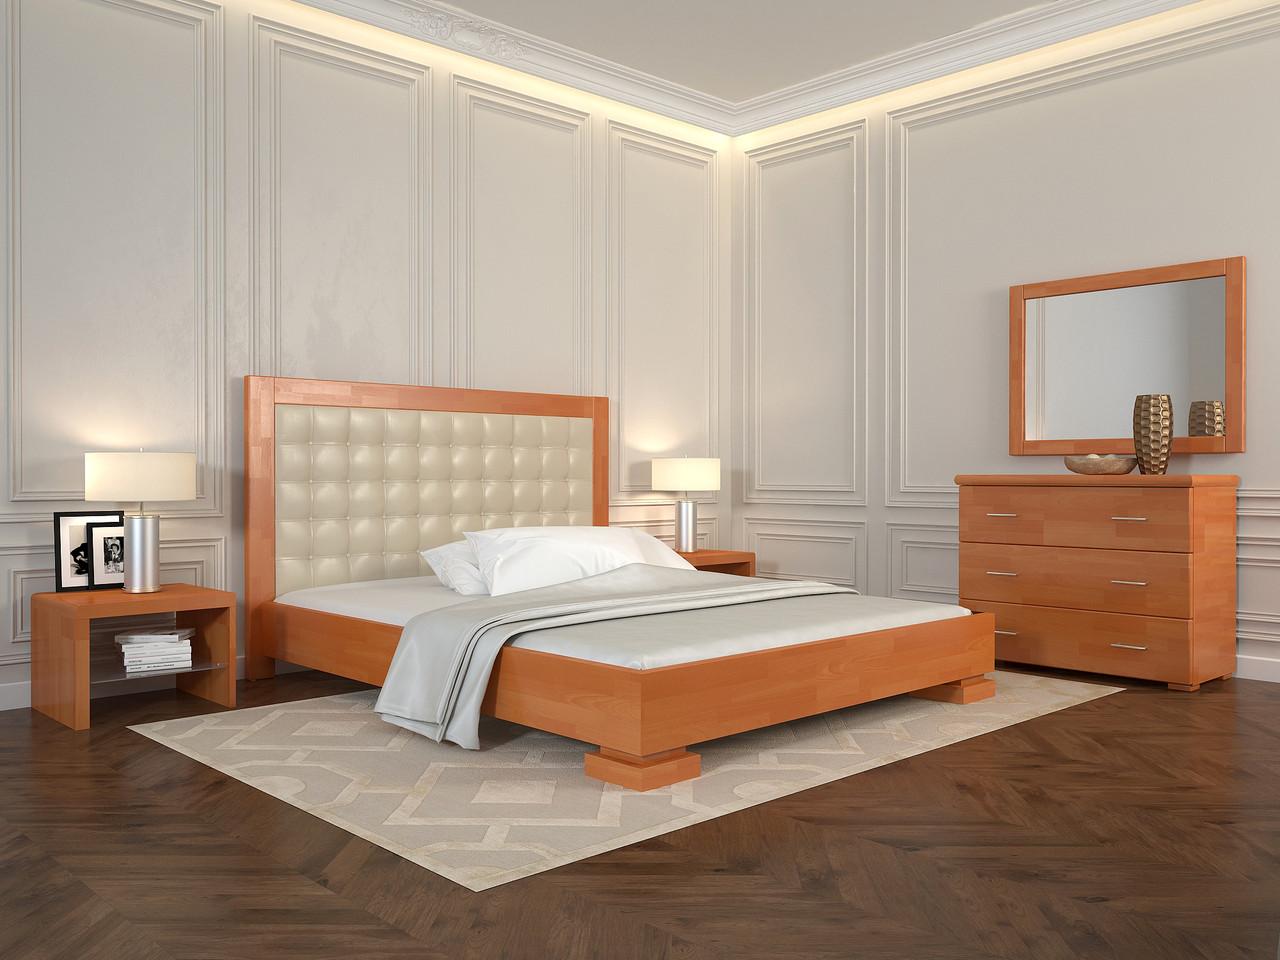 Кровать Arbordrev Подиум квадраты (160*190) сосна